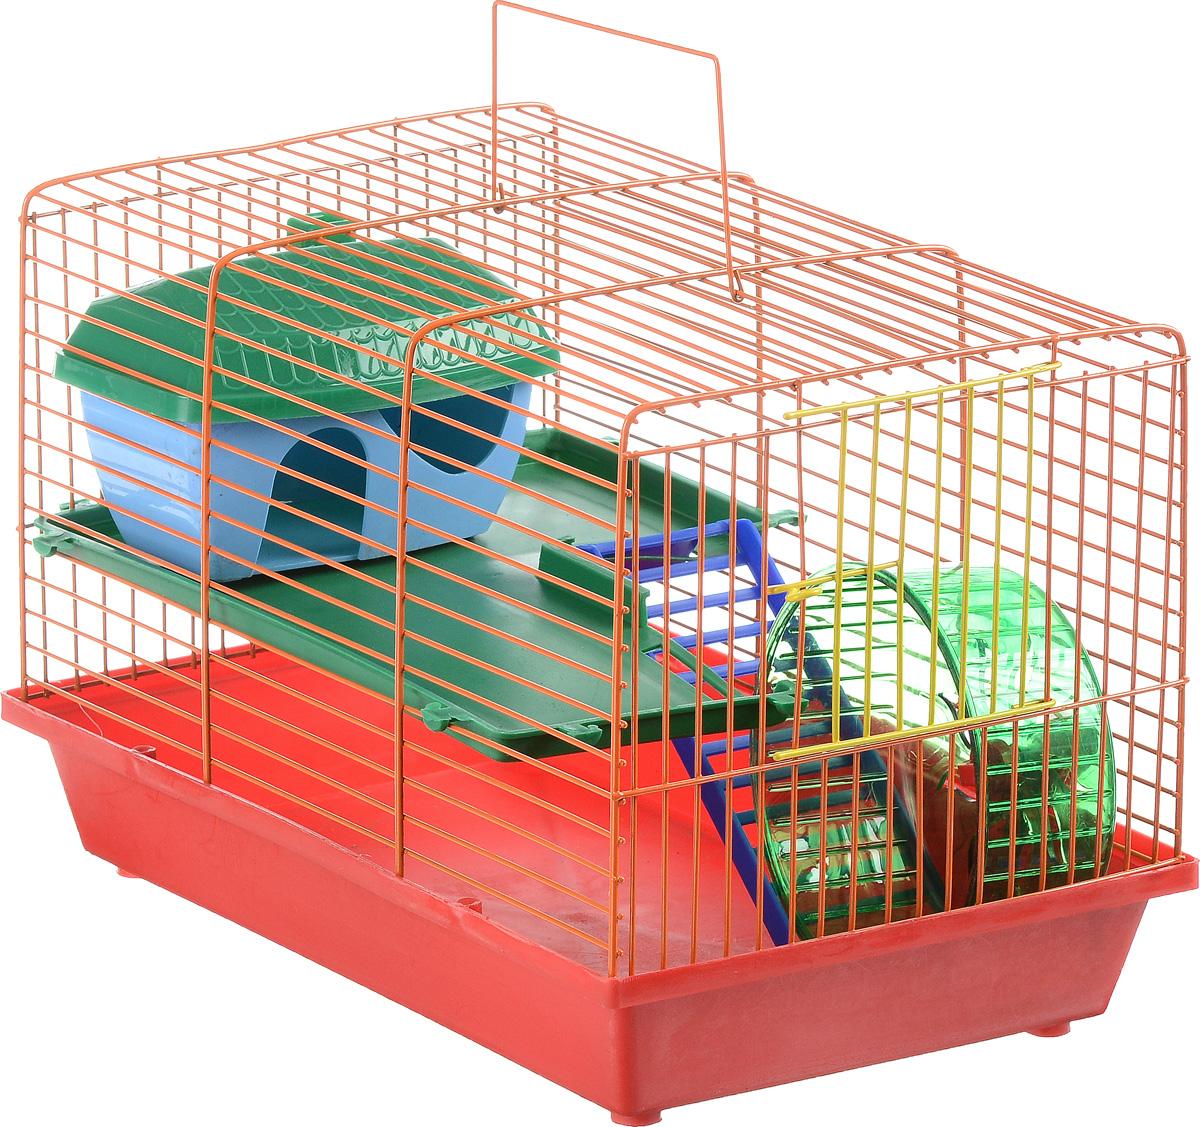 Клетка для грызунов ЗооМарк, 2-этажная, цвет: красный поддон, оранжевая решетка, зеленые этажи, 36 х 22 х 24 см цена